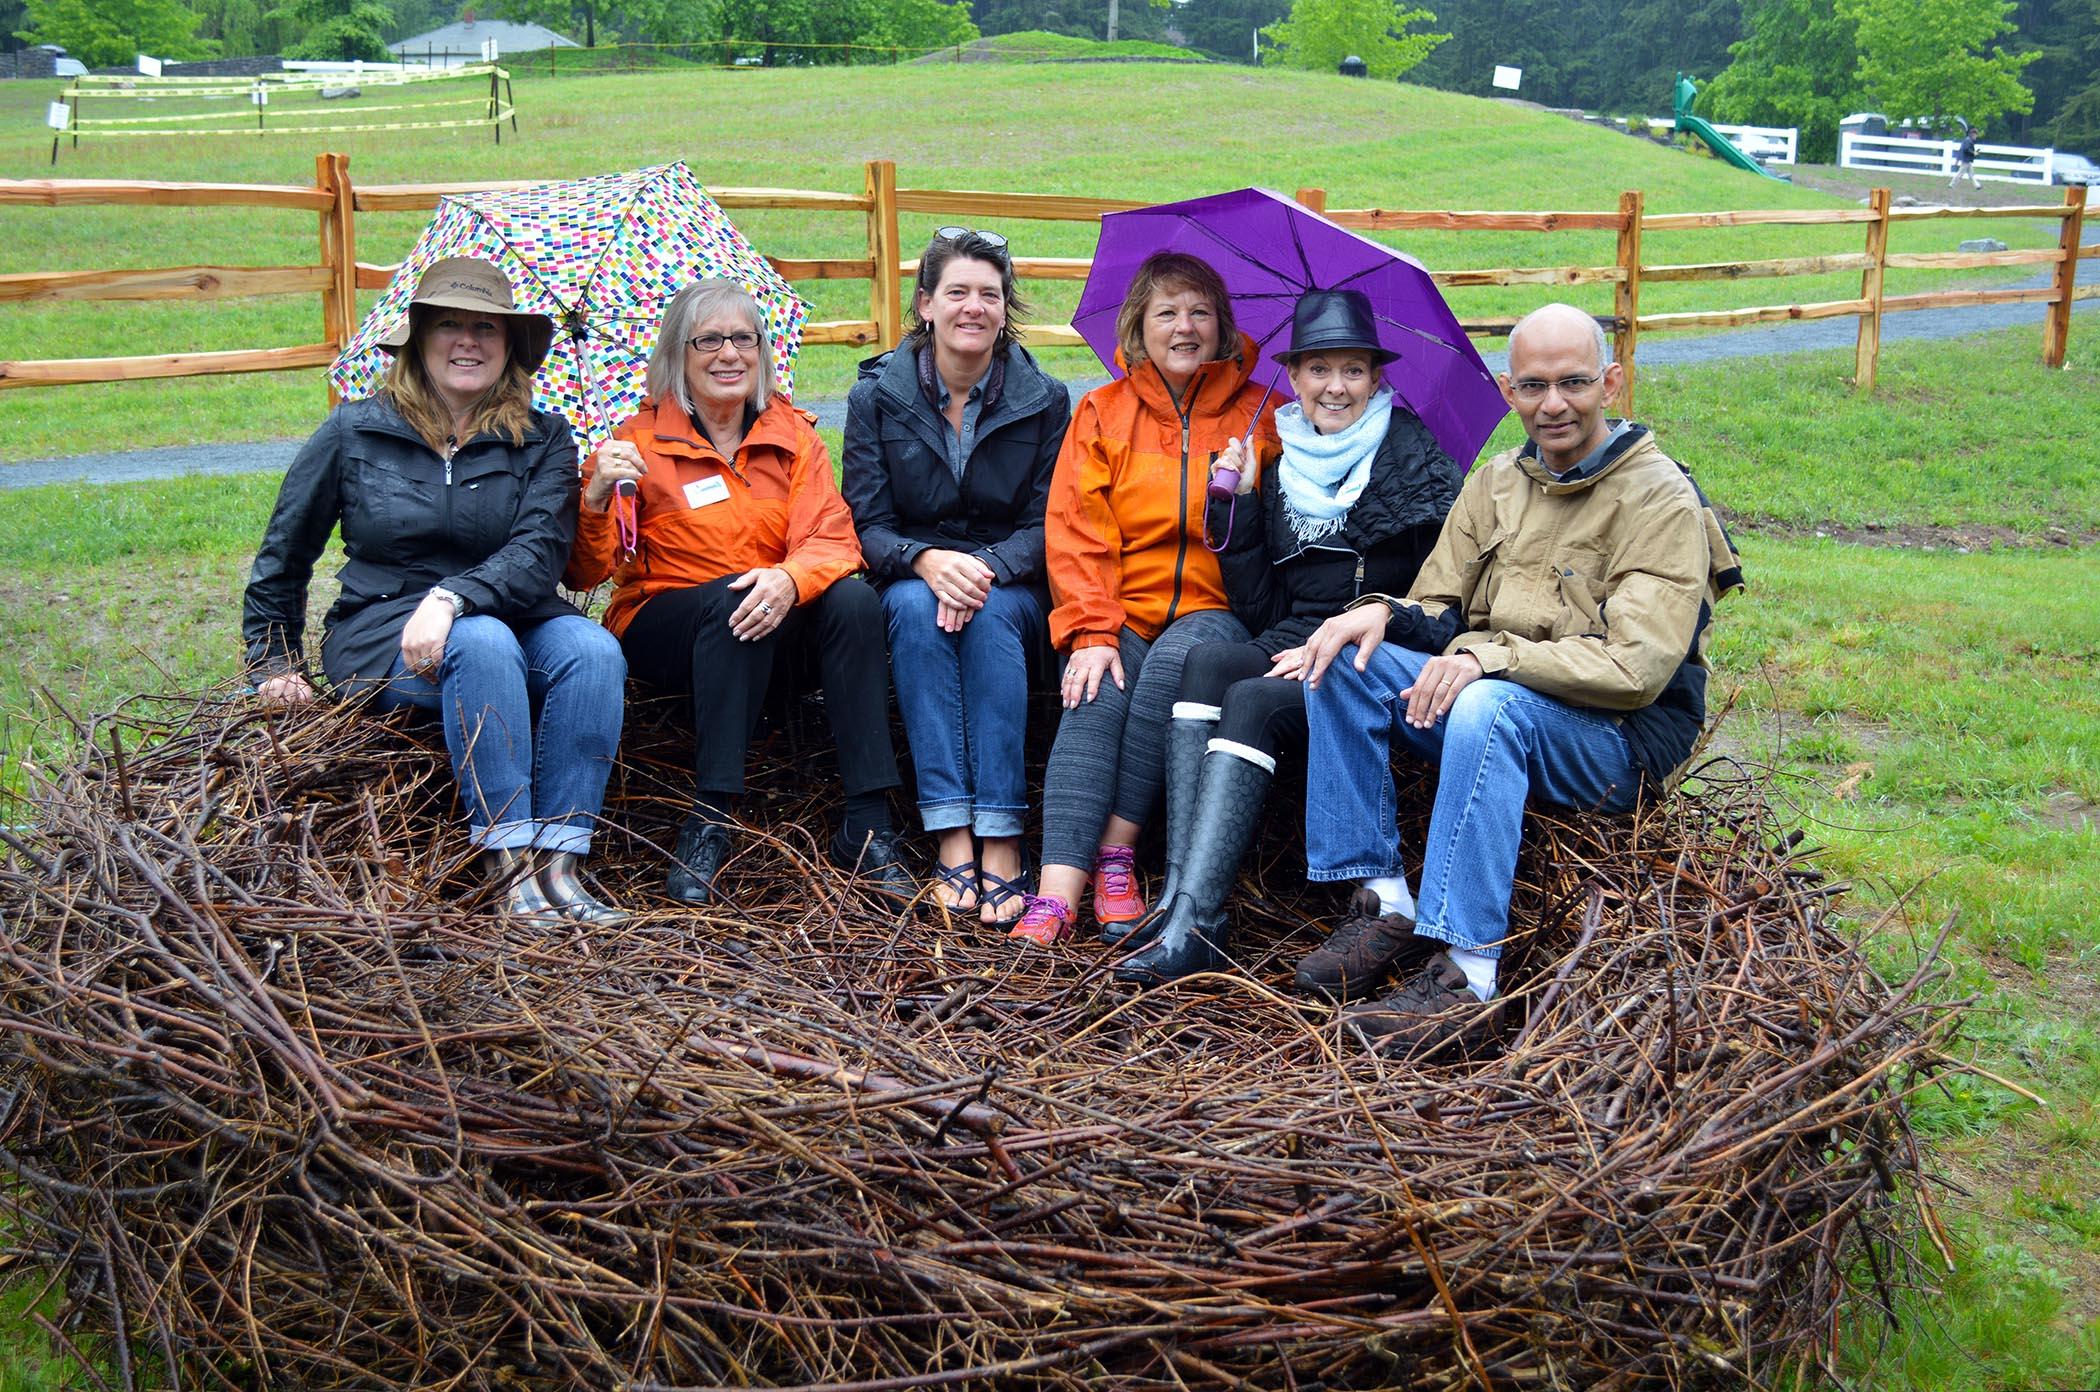 ELM-Environments-Big-Rock-Park-nest.jpg